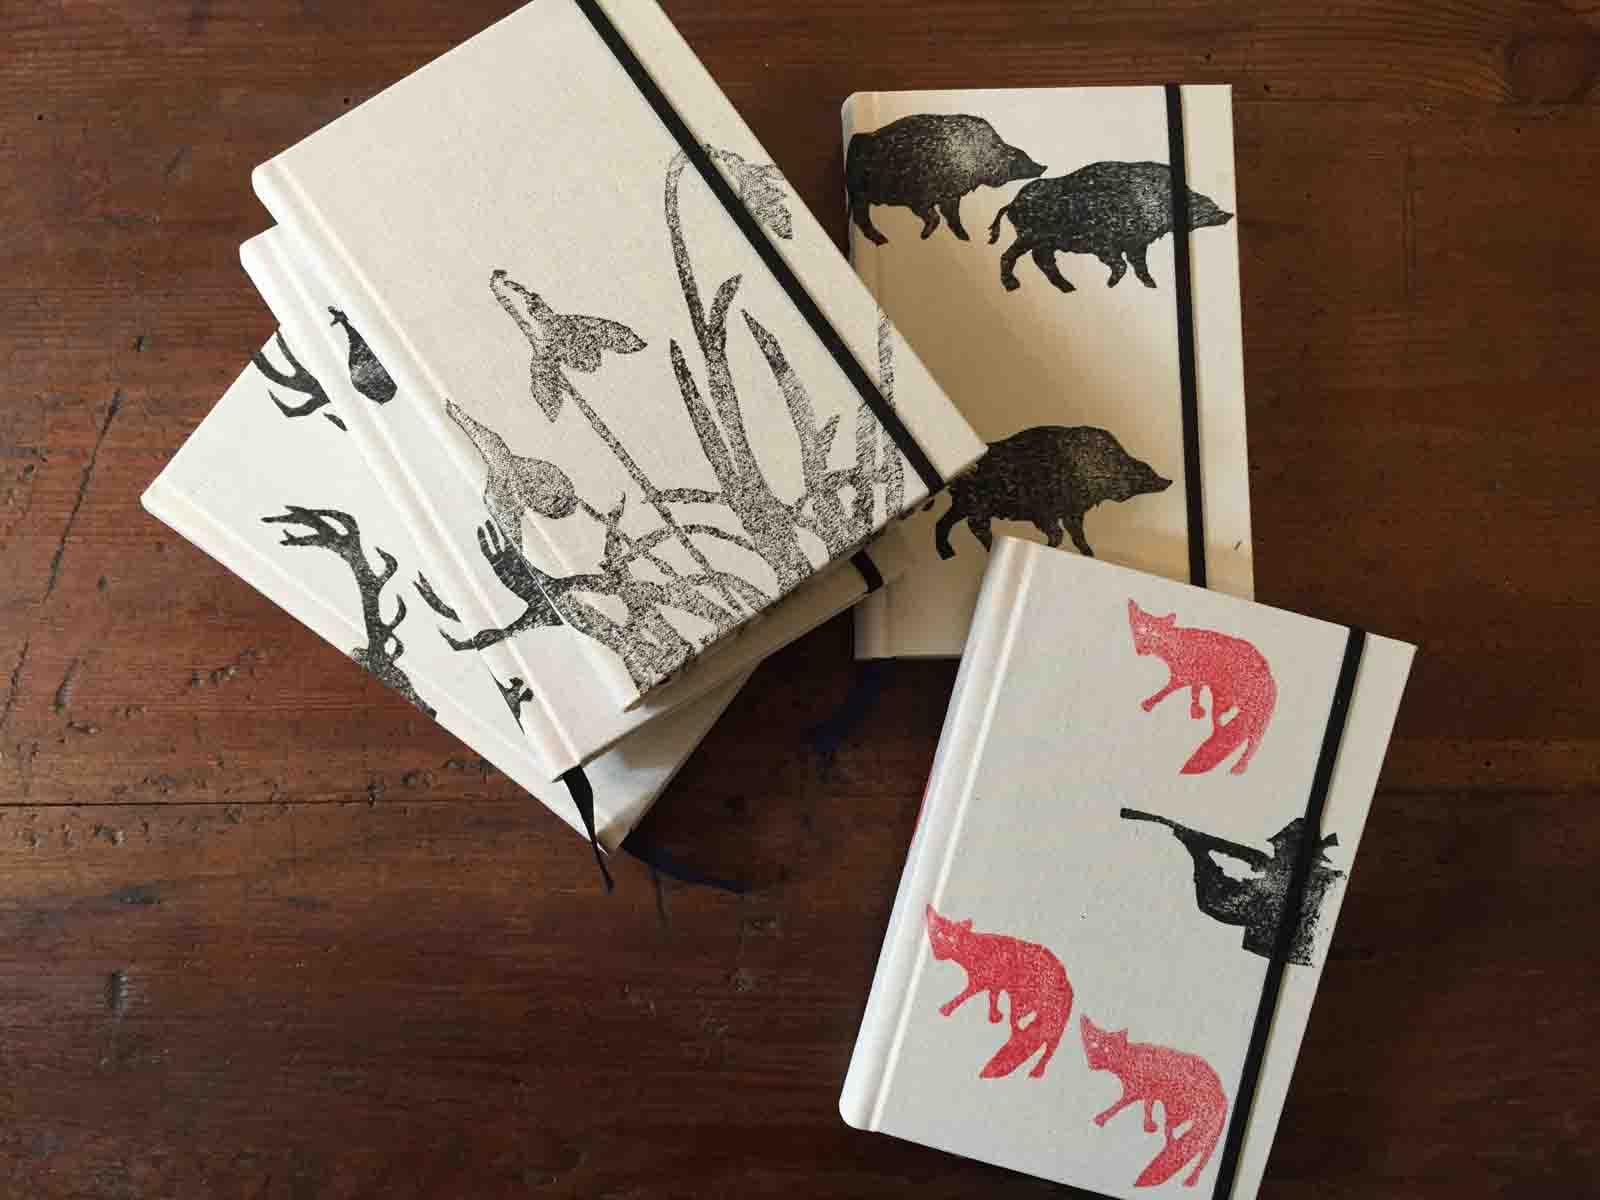 Notizbuch, Schneeglöckchen, Jagdmotive, in Deutschland handbedruckt und gebunden